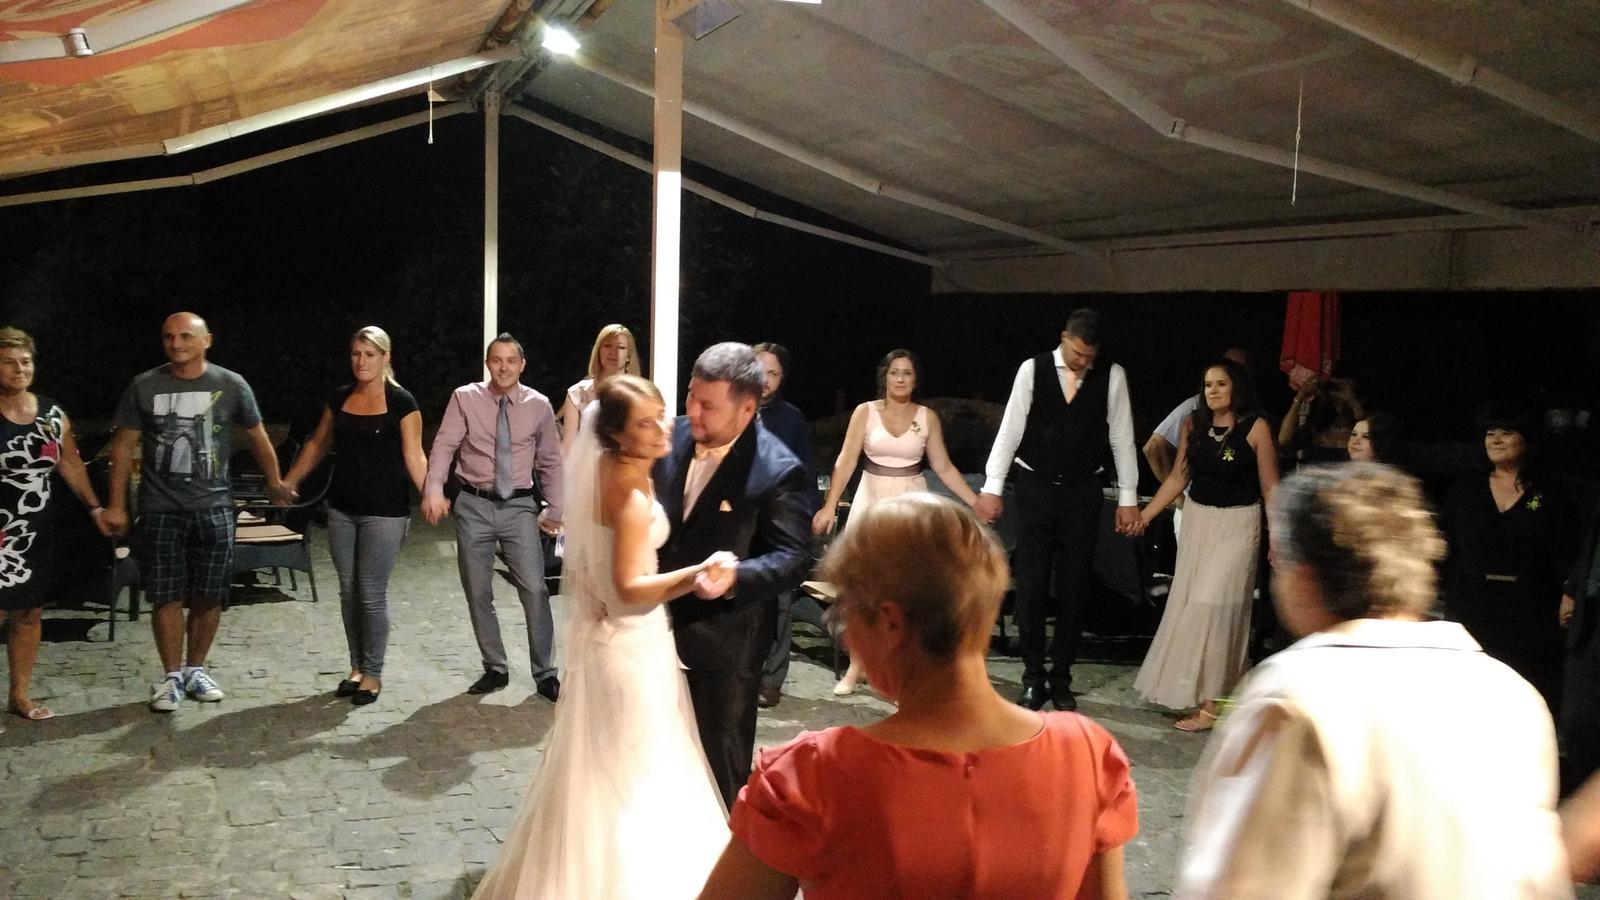 djlados - Novomanželský tanec, Kalikovský Mlýn Plzeň, 10.9.2016